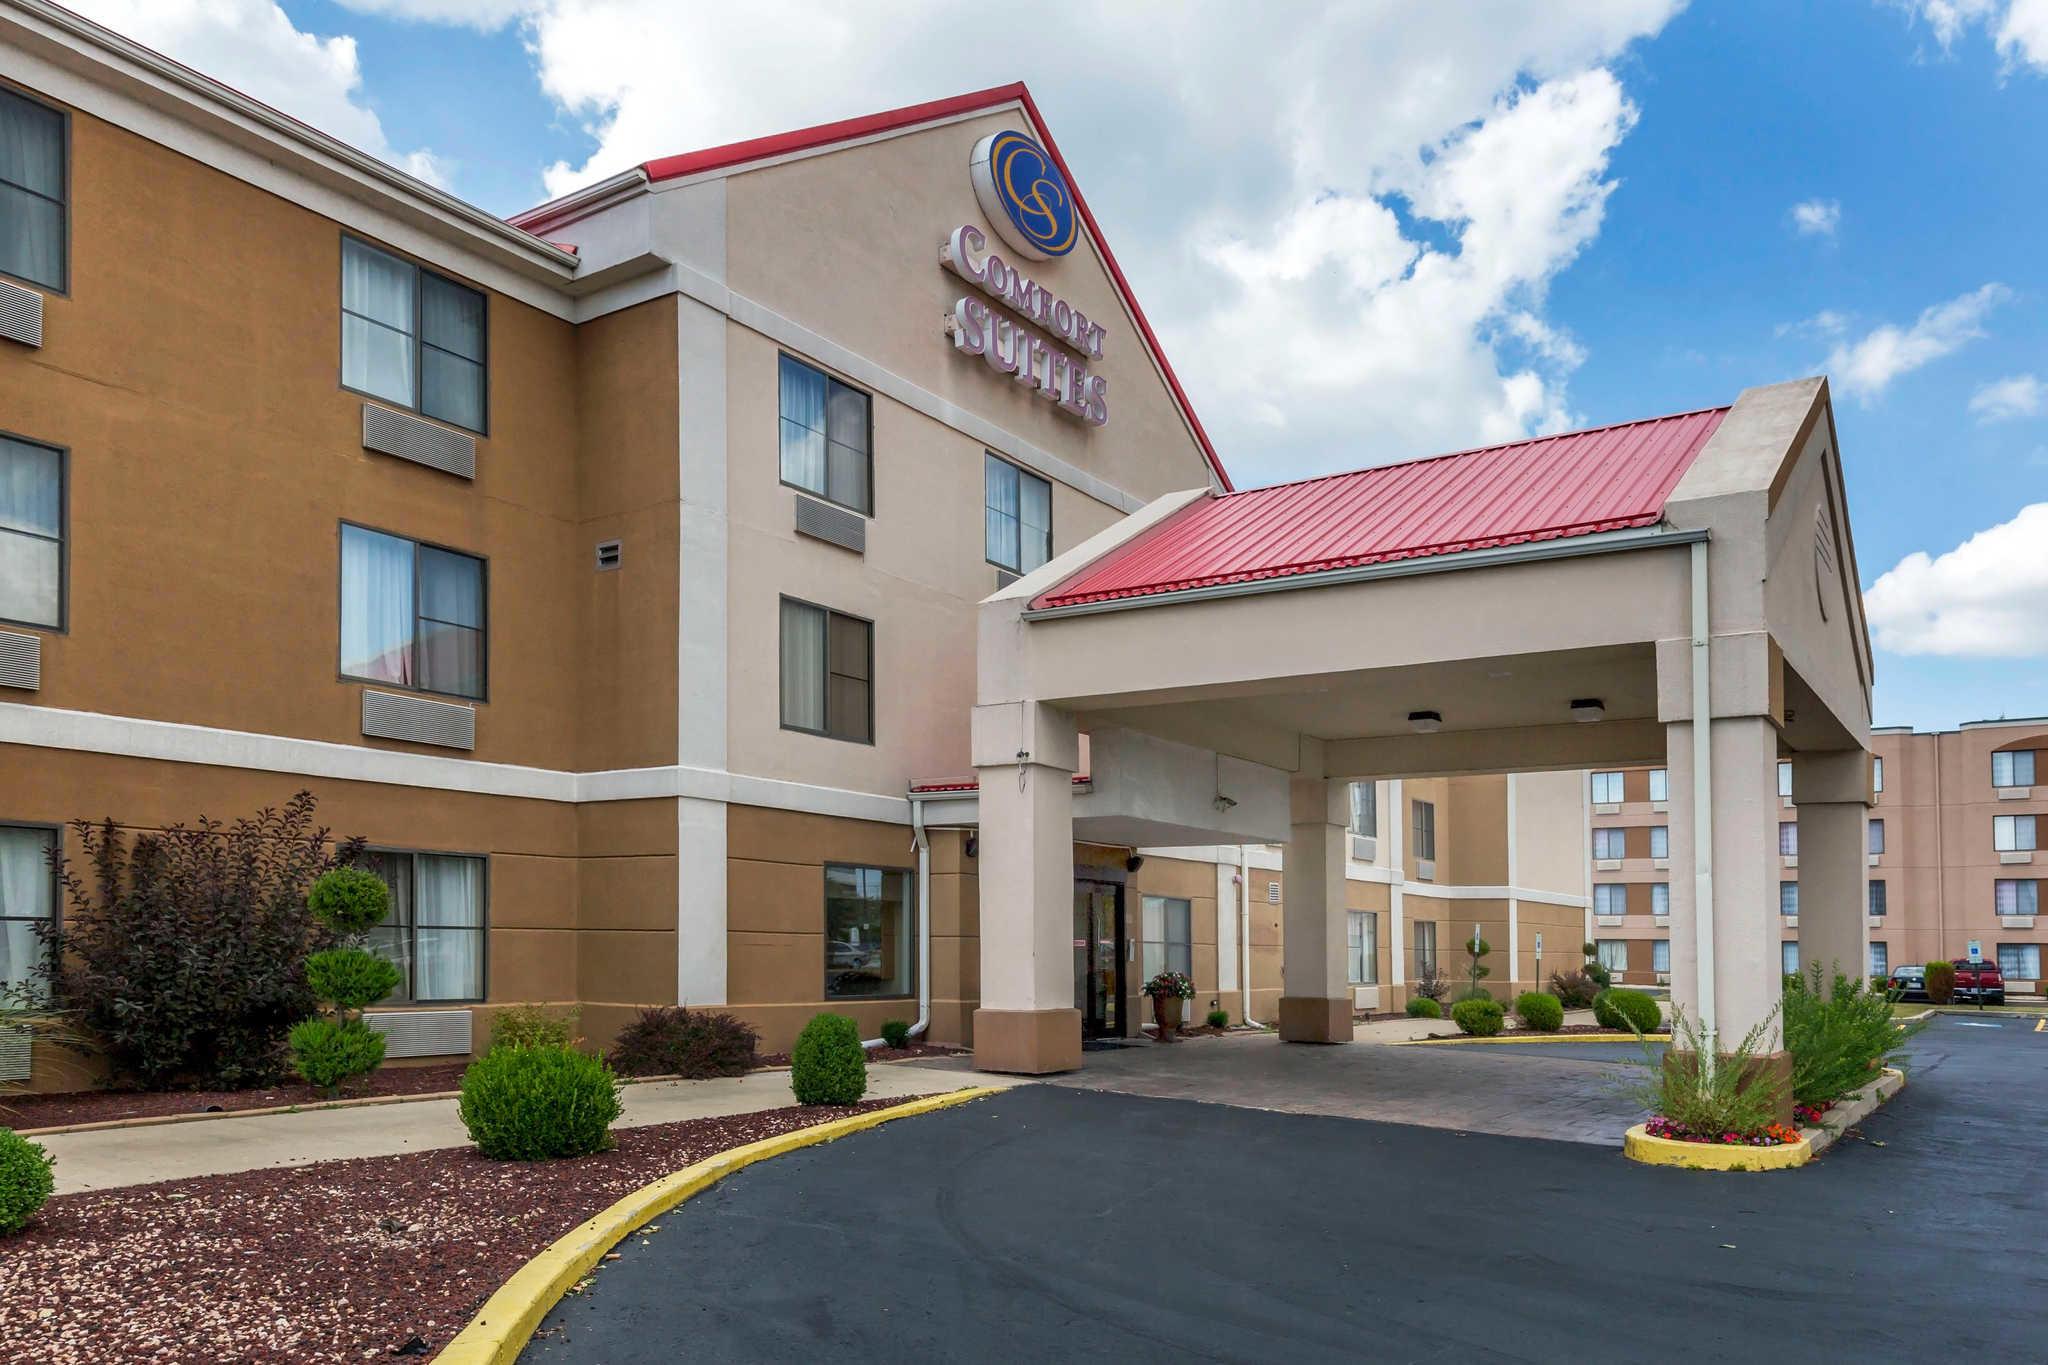 Comfort Suites 2235 West 173rd St Lansing Il